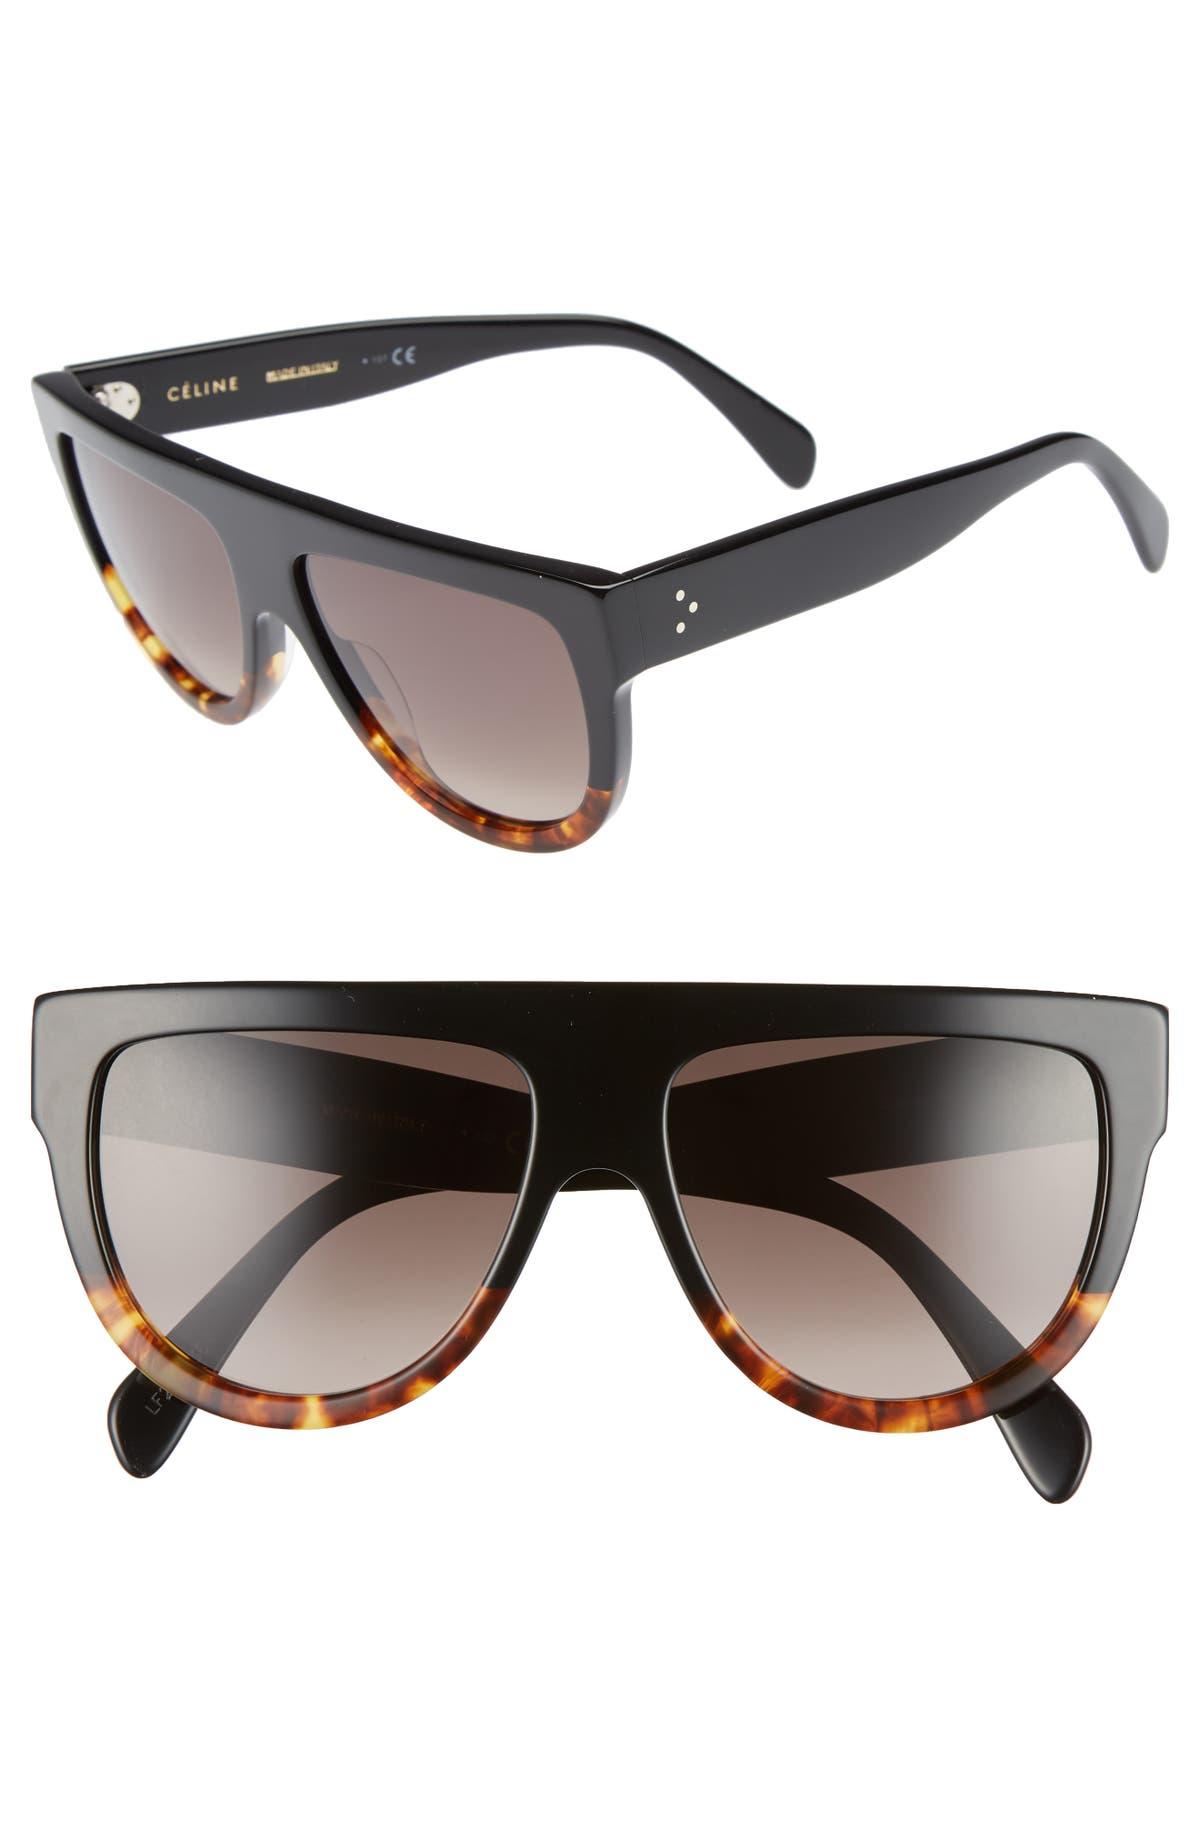 Céline Flat Top Sunglasses  1bff5285f4